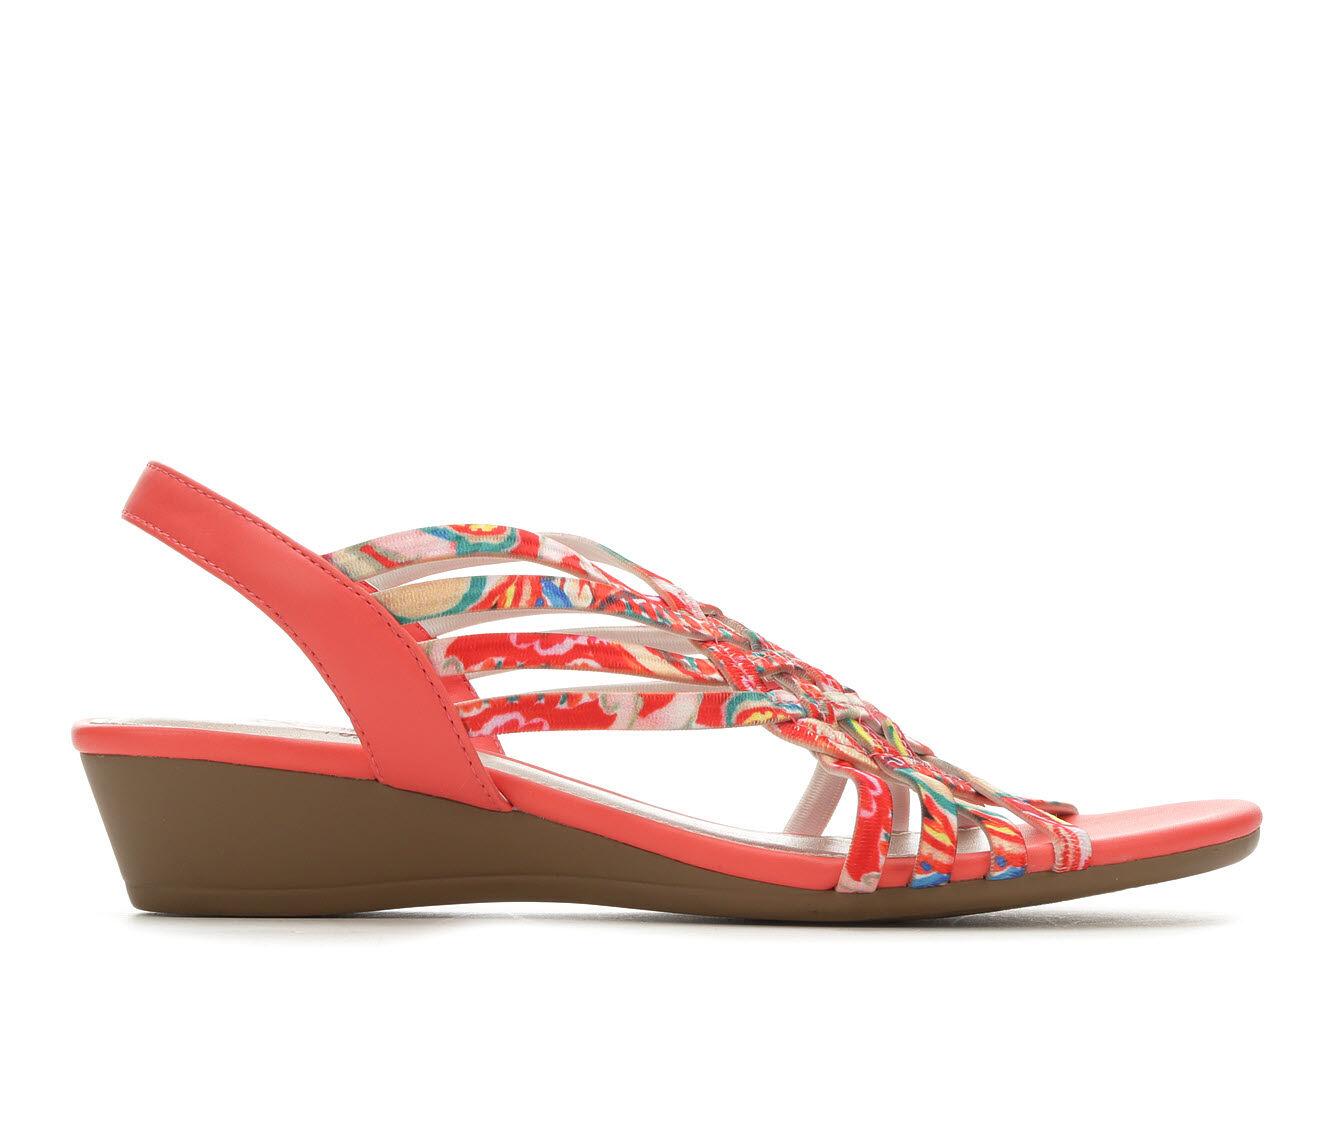 choose authentic Women's Impo Rosia Strappy Sandals Coral Multi